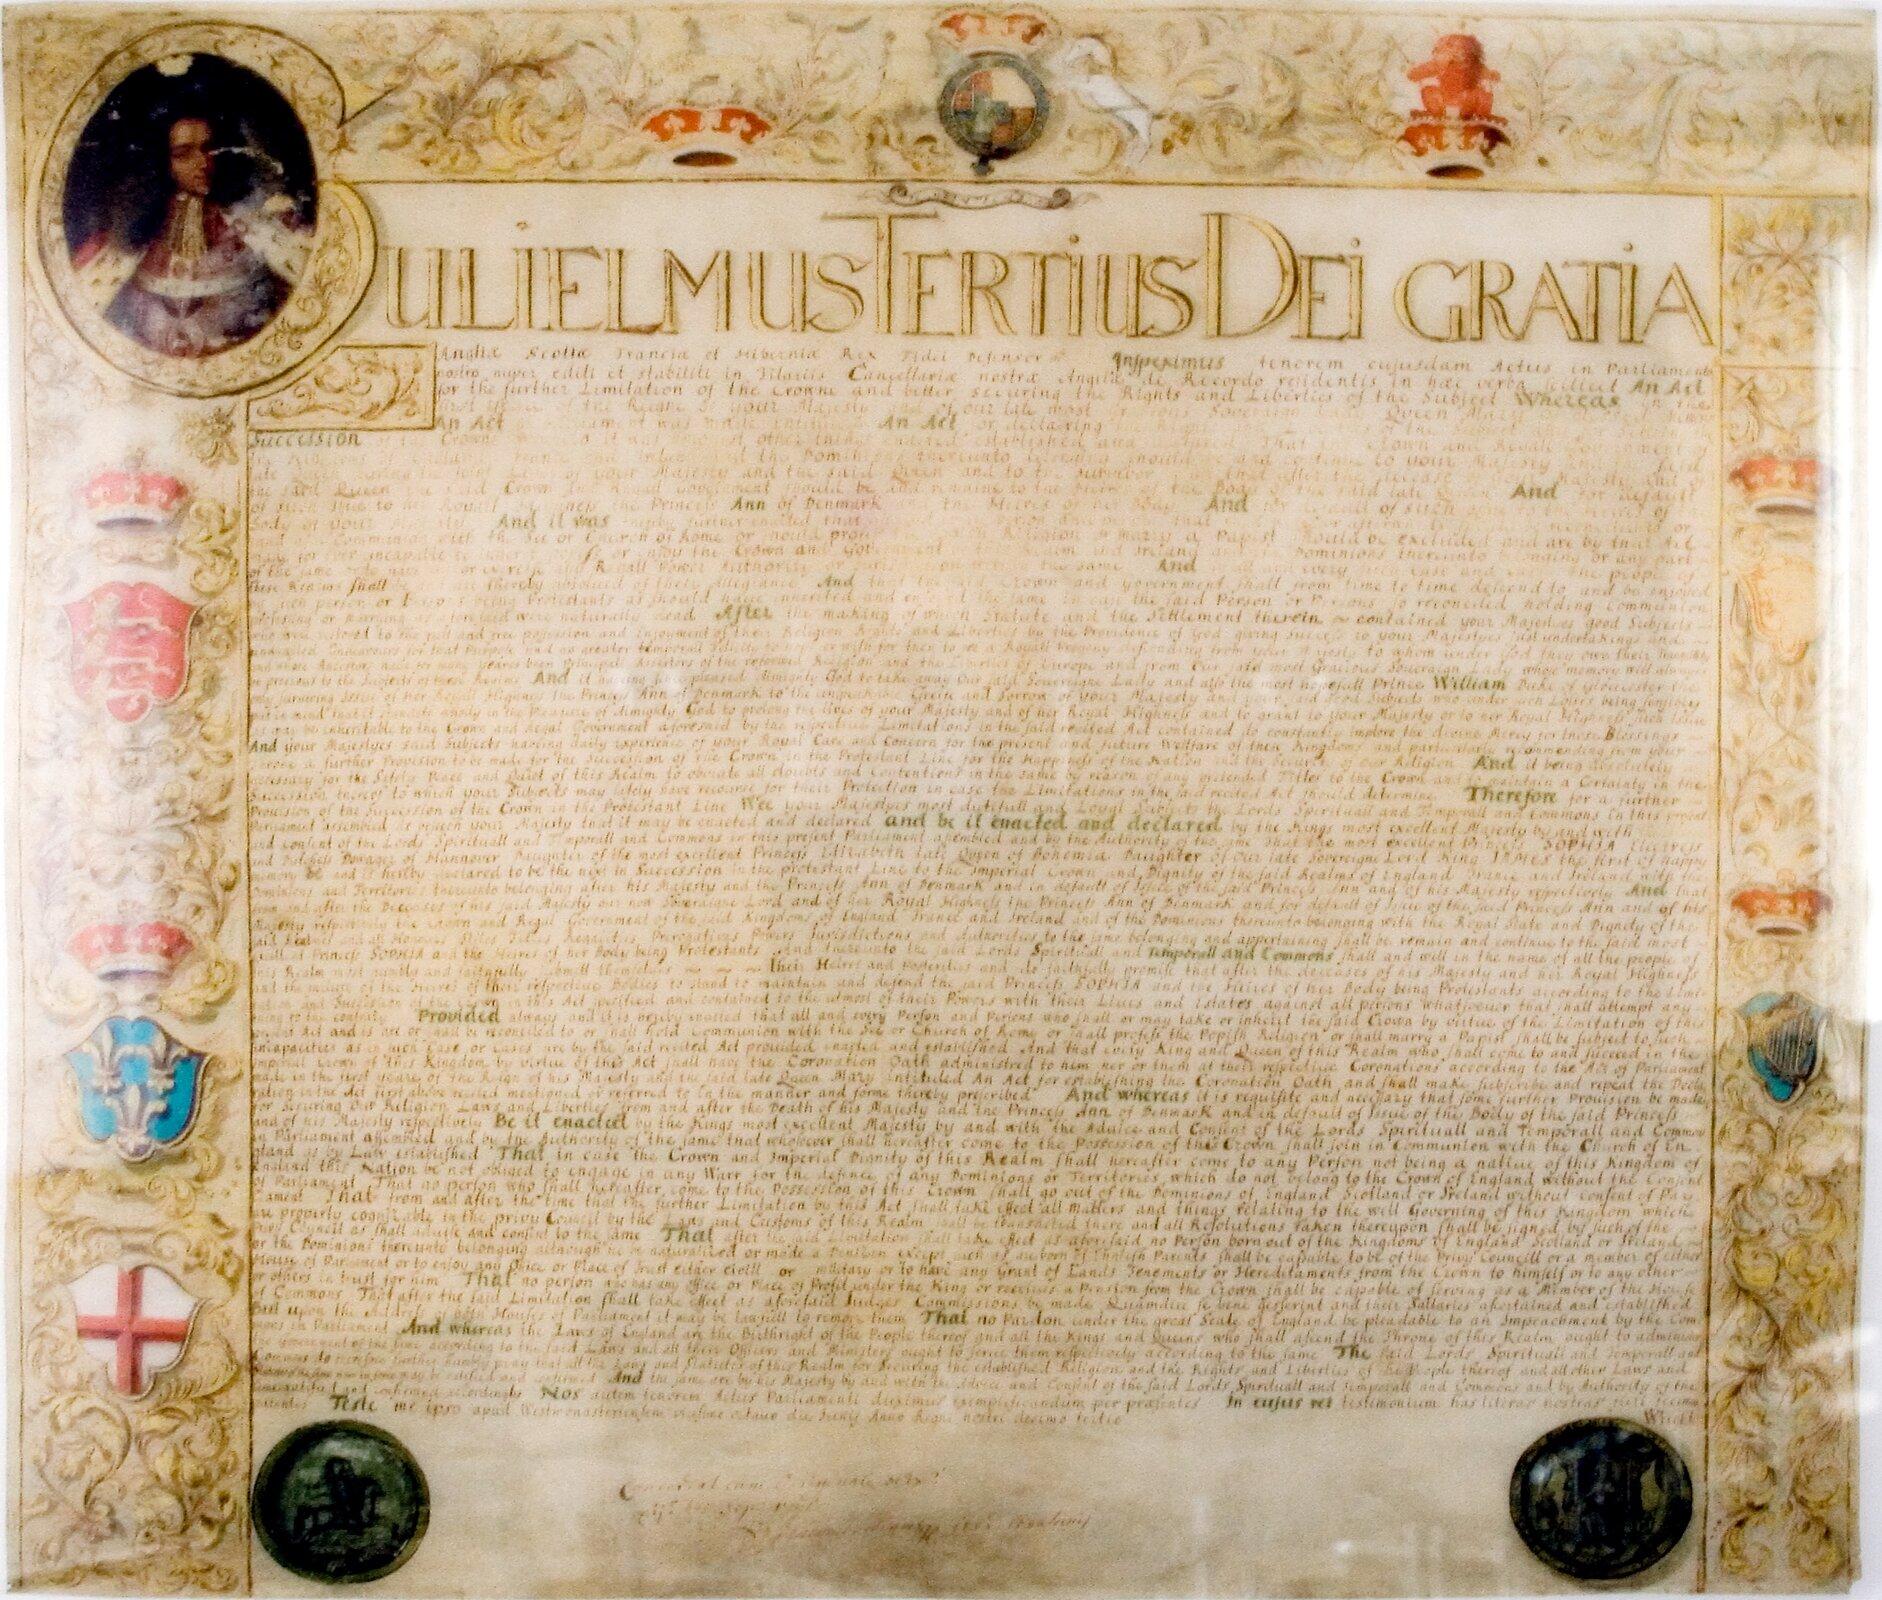 Act of Settlement Oficjalnydokument, wktórym parlament brytyjski przenosił dziedziczenie tronu na linię elektorów hanowerskich.Act of Settlement wydano w1701 r. Źródło: Torsten Bätge, Act of Settlement, Wikimedia Commons, licencja: CC BY-SA 3.0.